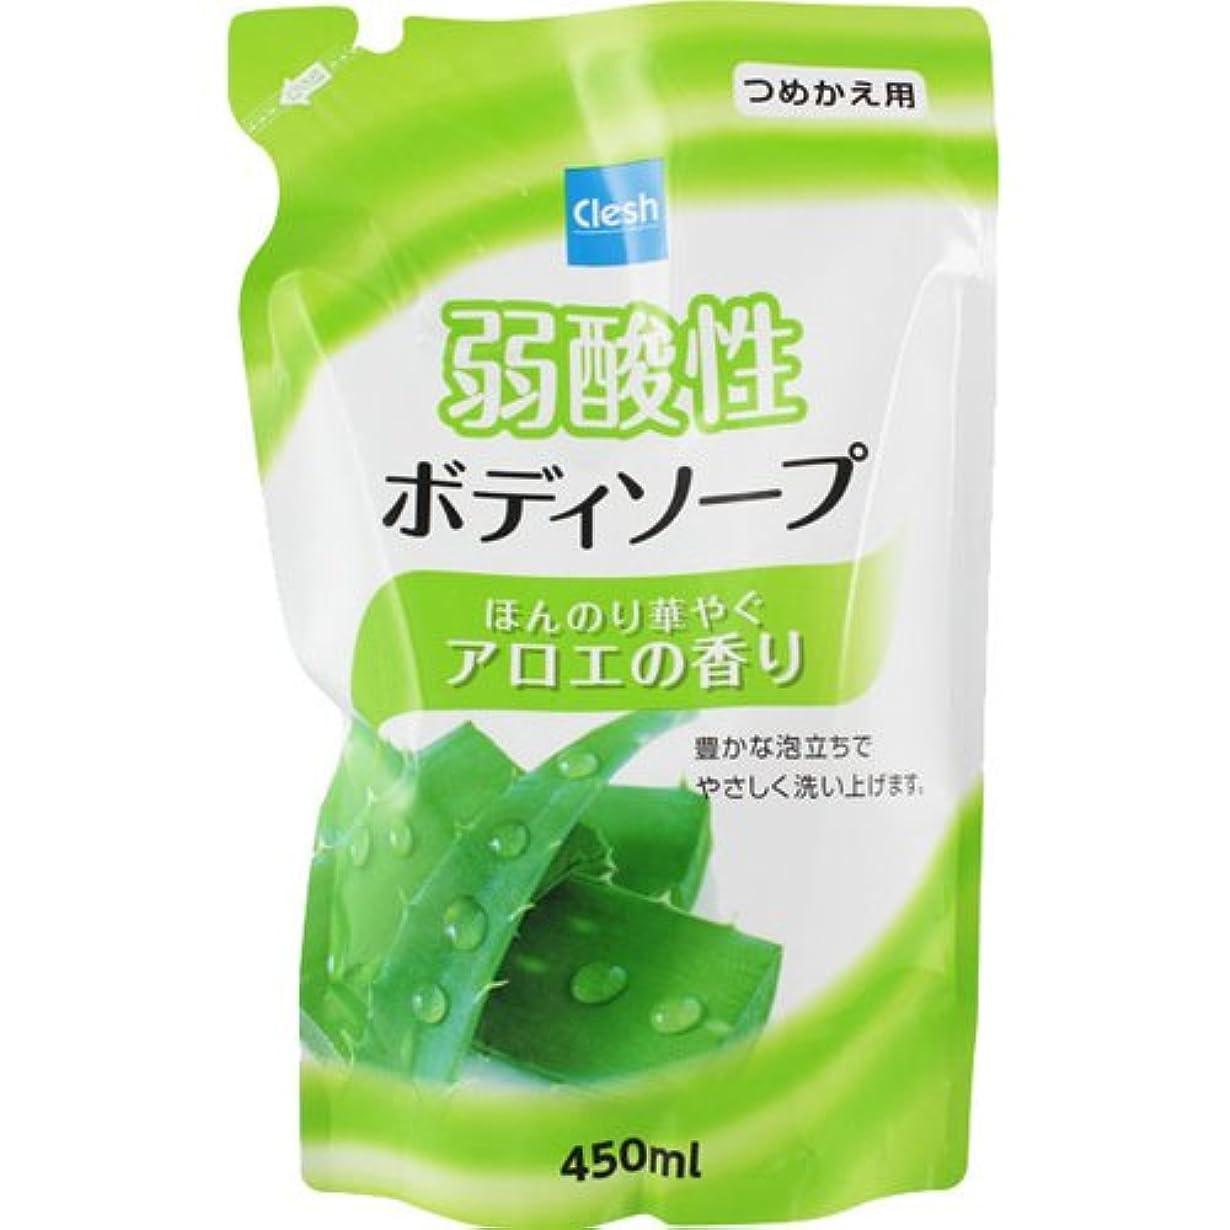 無傷光合意Clesh(クレシュ) 弱酸性ボディソープ アロエの香り つめかえ用 450ml